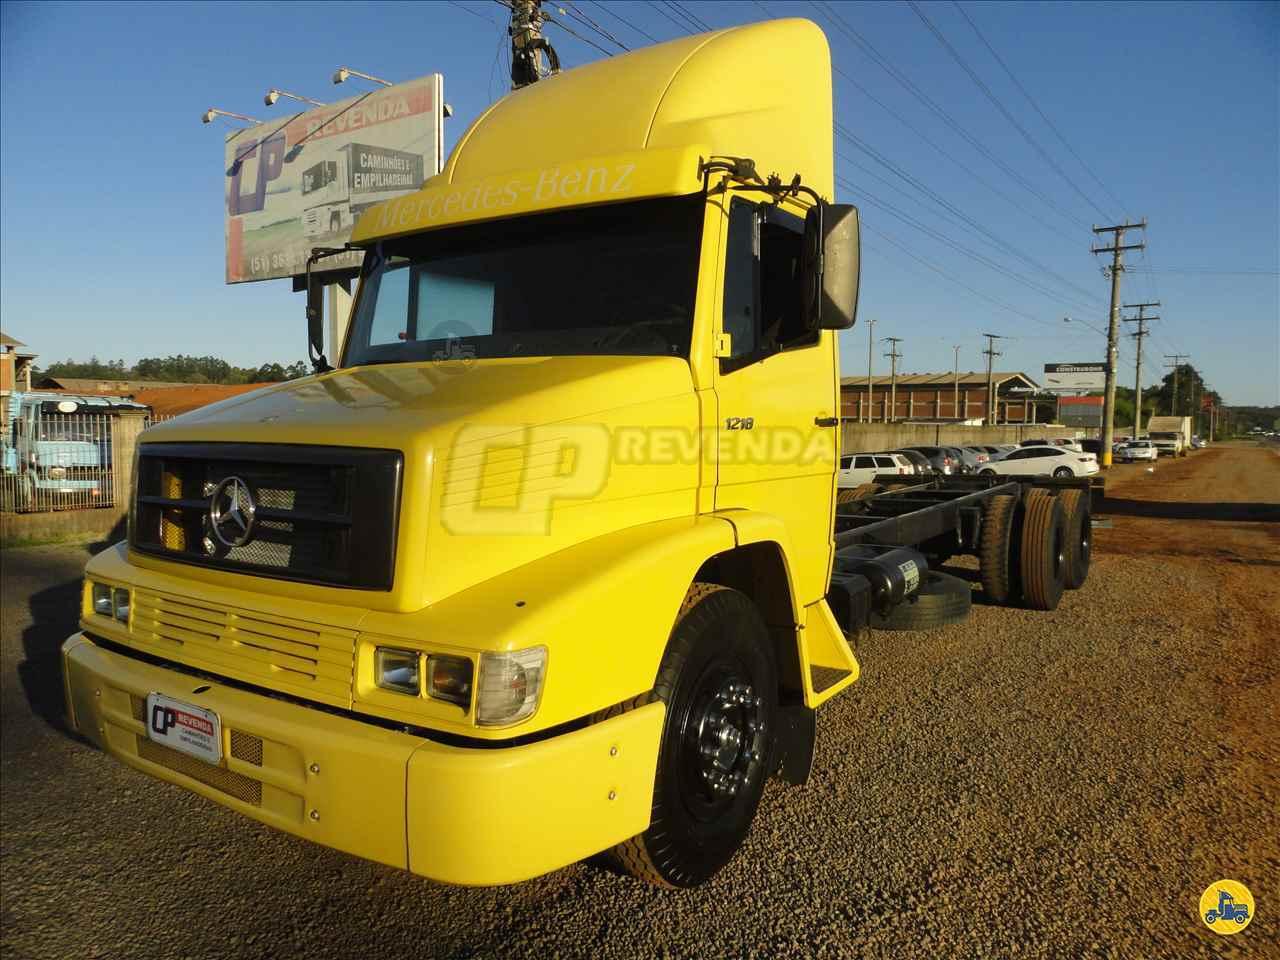 CAMINHAO MERCEDES-BENZ MB 1218 Chassis Truck 6x2 CP Revenda BOM PRINCIPIO RIO GRANDE DO SUL RS